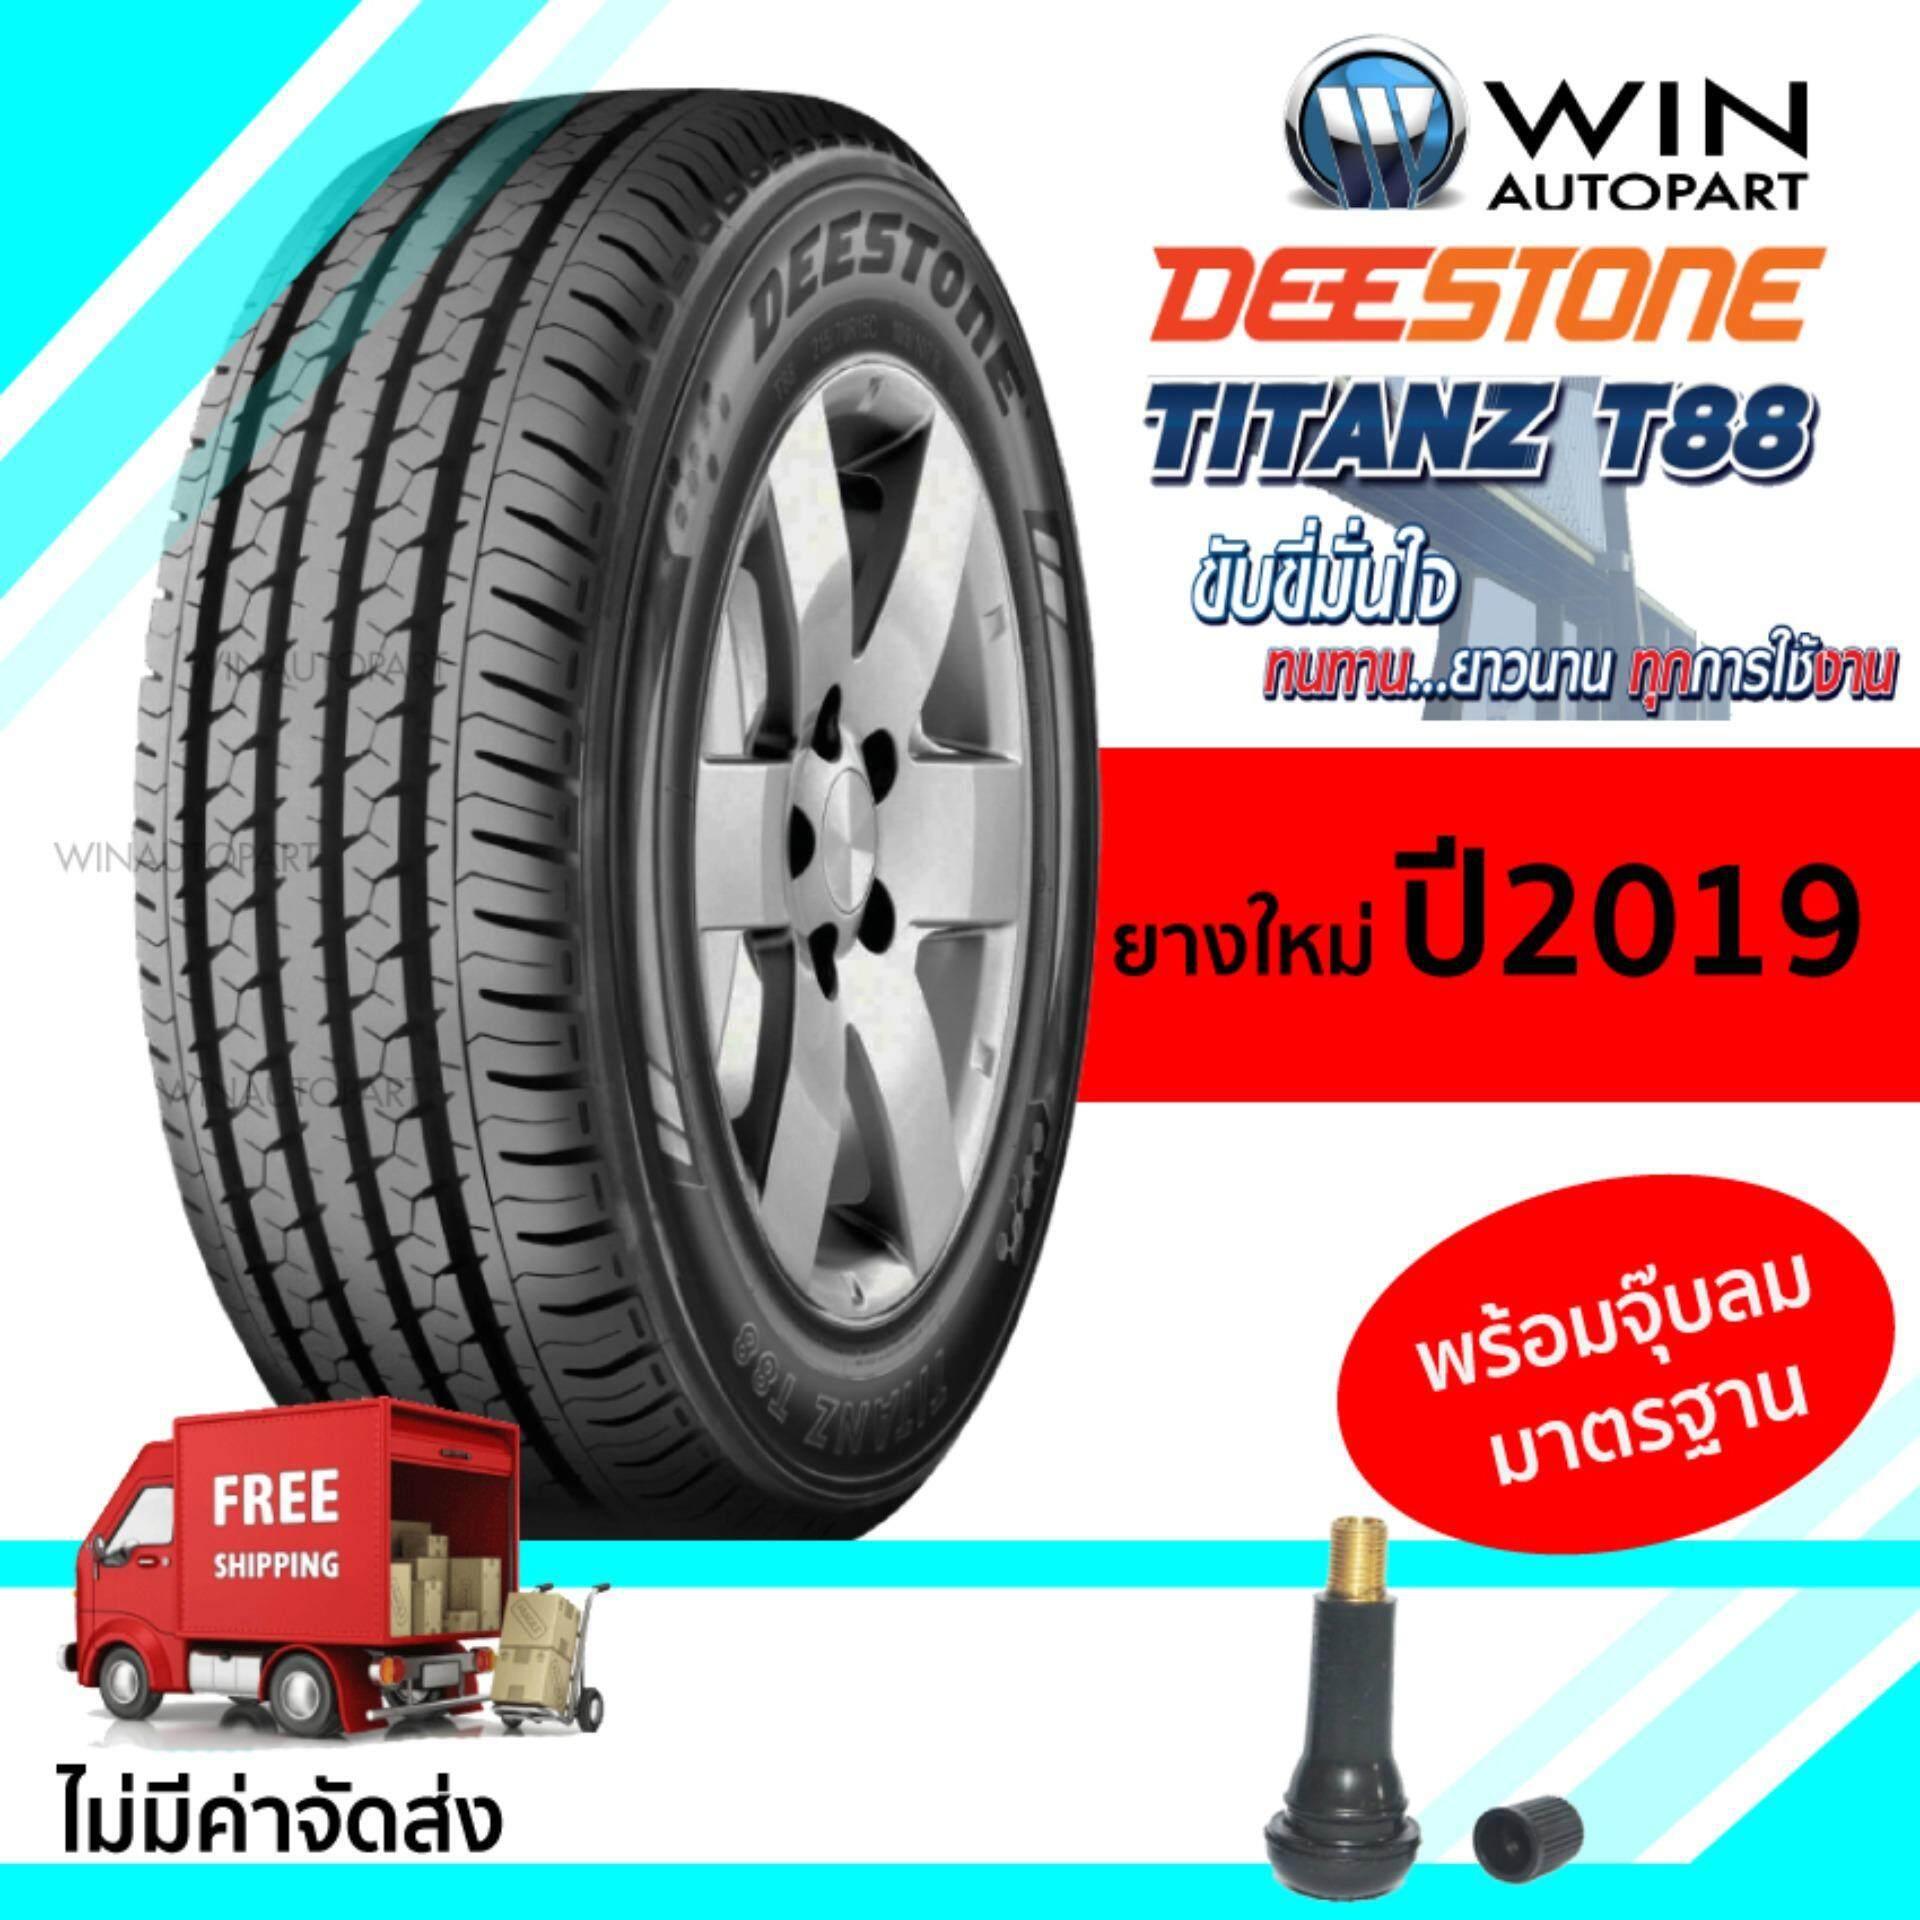 เก็บเงินปลายทางได้ 205/70R15 รุ่น TITANZ T88 ยี่ห้อ DEESTONE ยางรถยนต์ ยางรถกระบะ ขอบ 15 ยางปี 2019